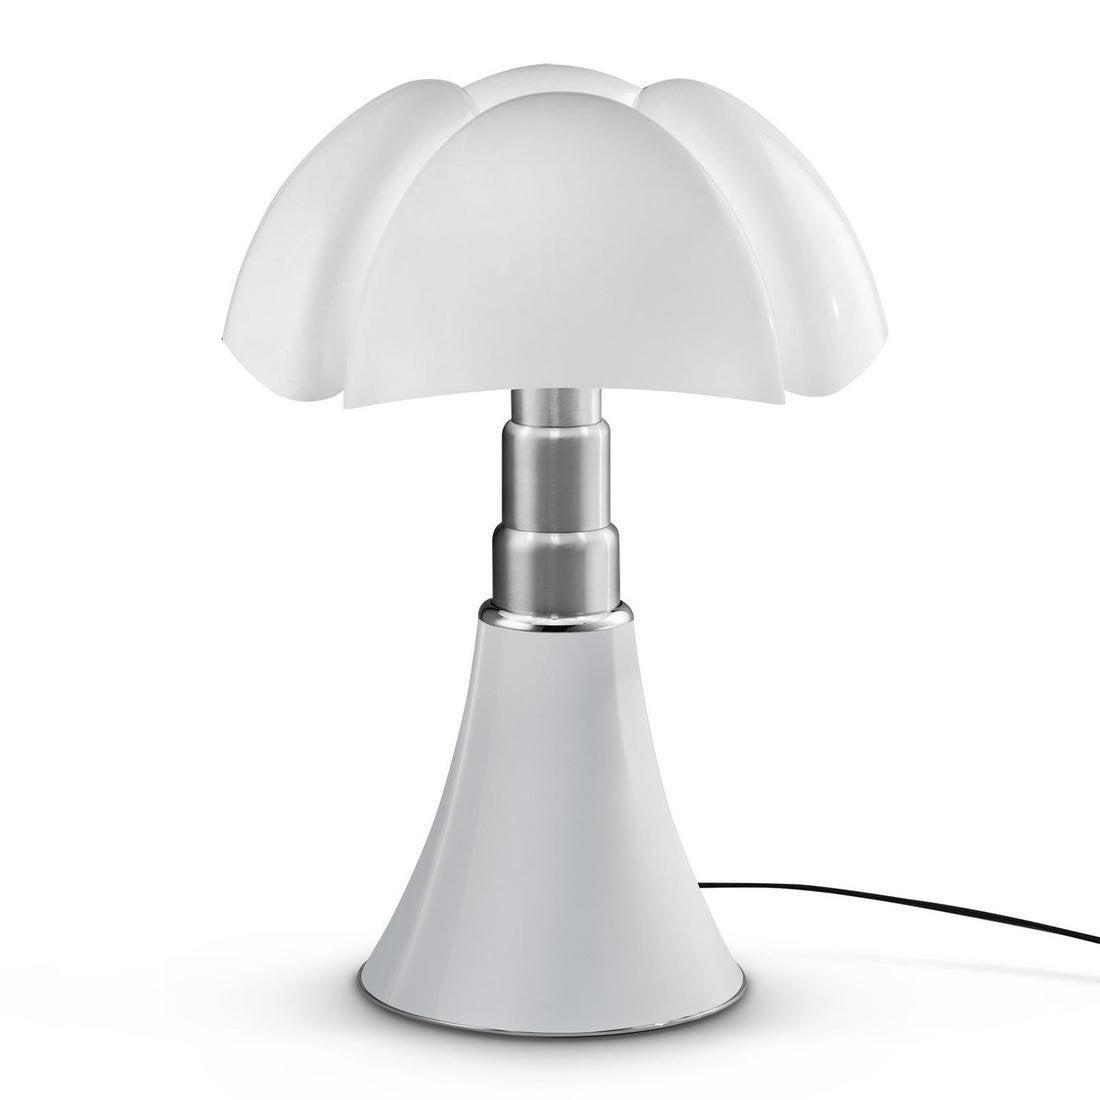 Lampe design Pipistrello blanc, 4 ampoules, pied télescopique, H.66-88cm